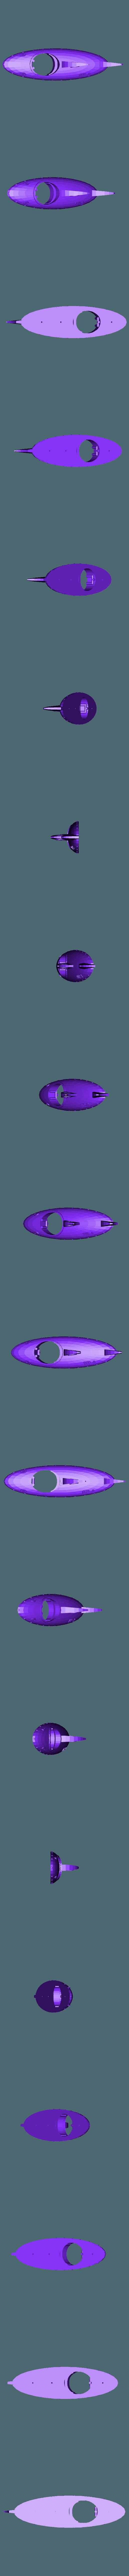 octonauts_gup-b_split-top.stl Télécharger fichier STL gratuit Octonauts Jouet Gup-B • Modèle imprimable en 3D, Sablebadger